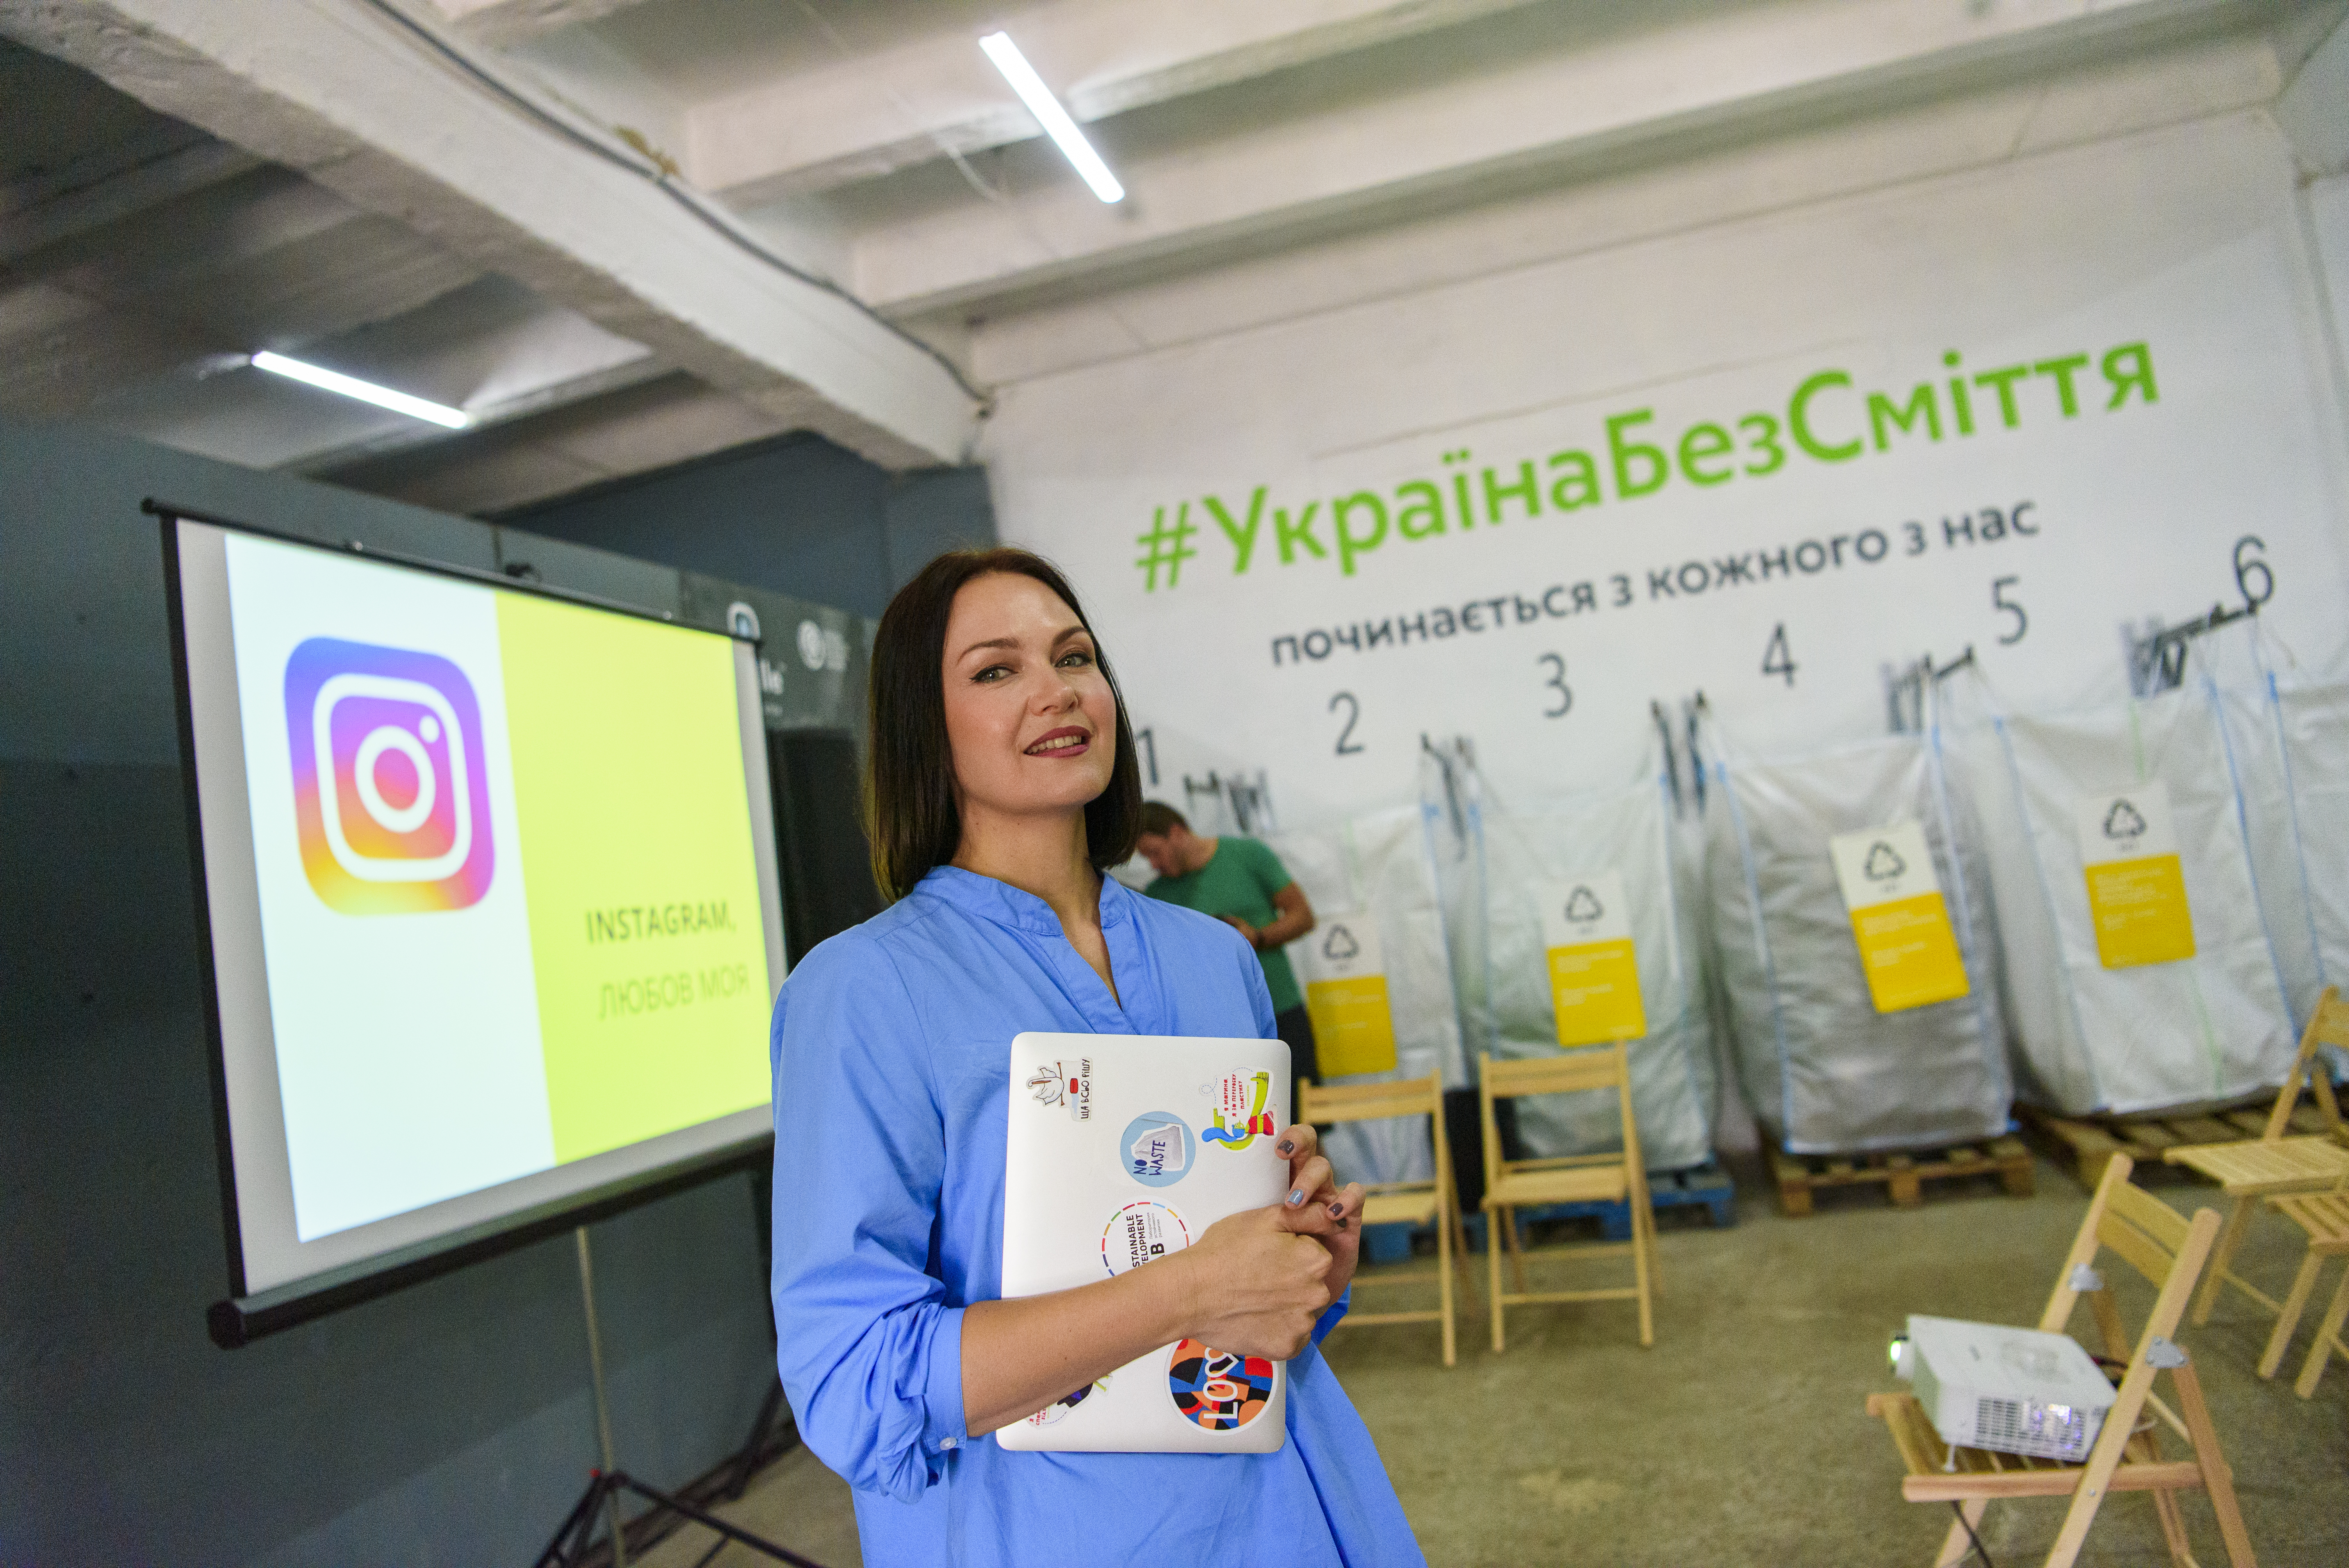 Евгения Аратовская Україна без сміття